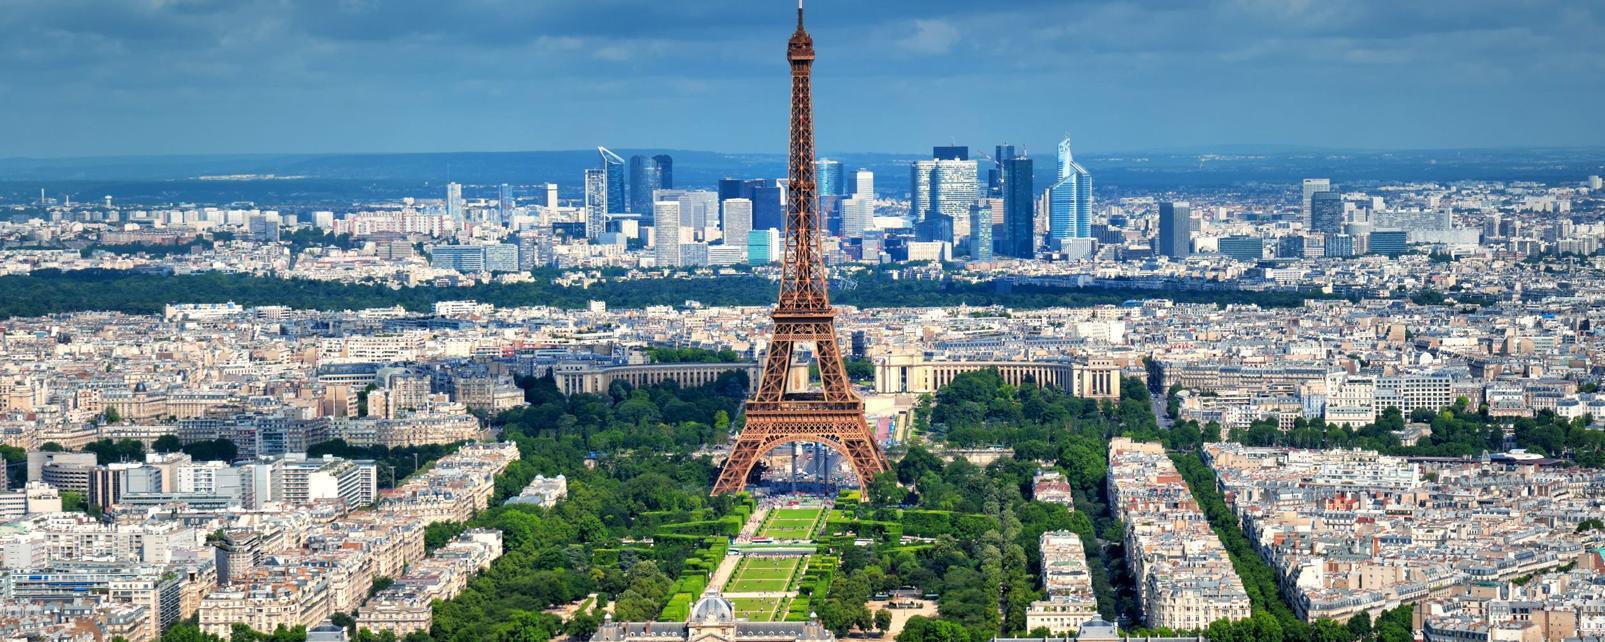 Панорама исторической части Парижа